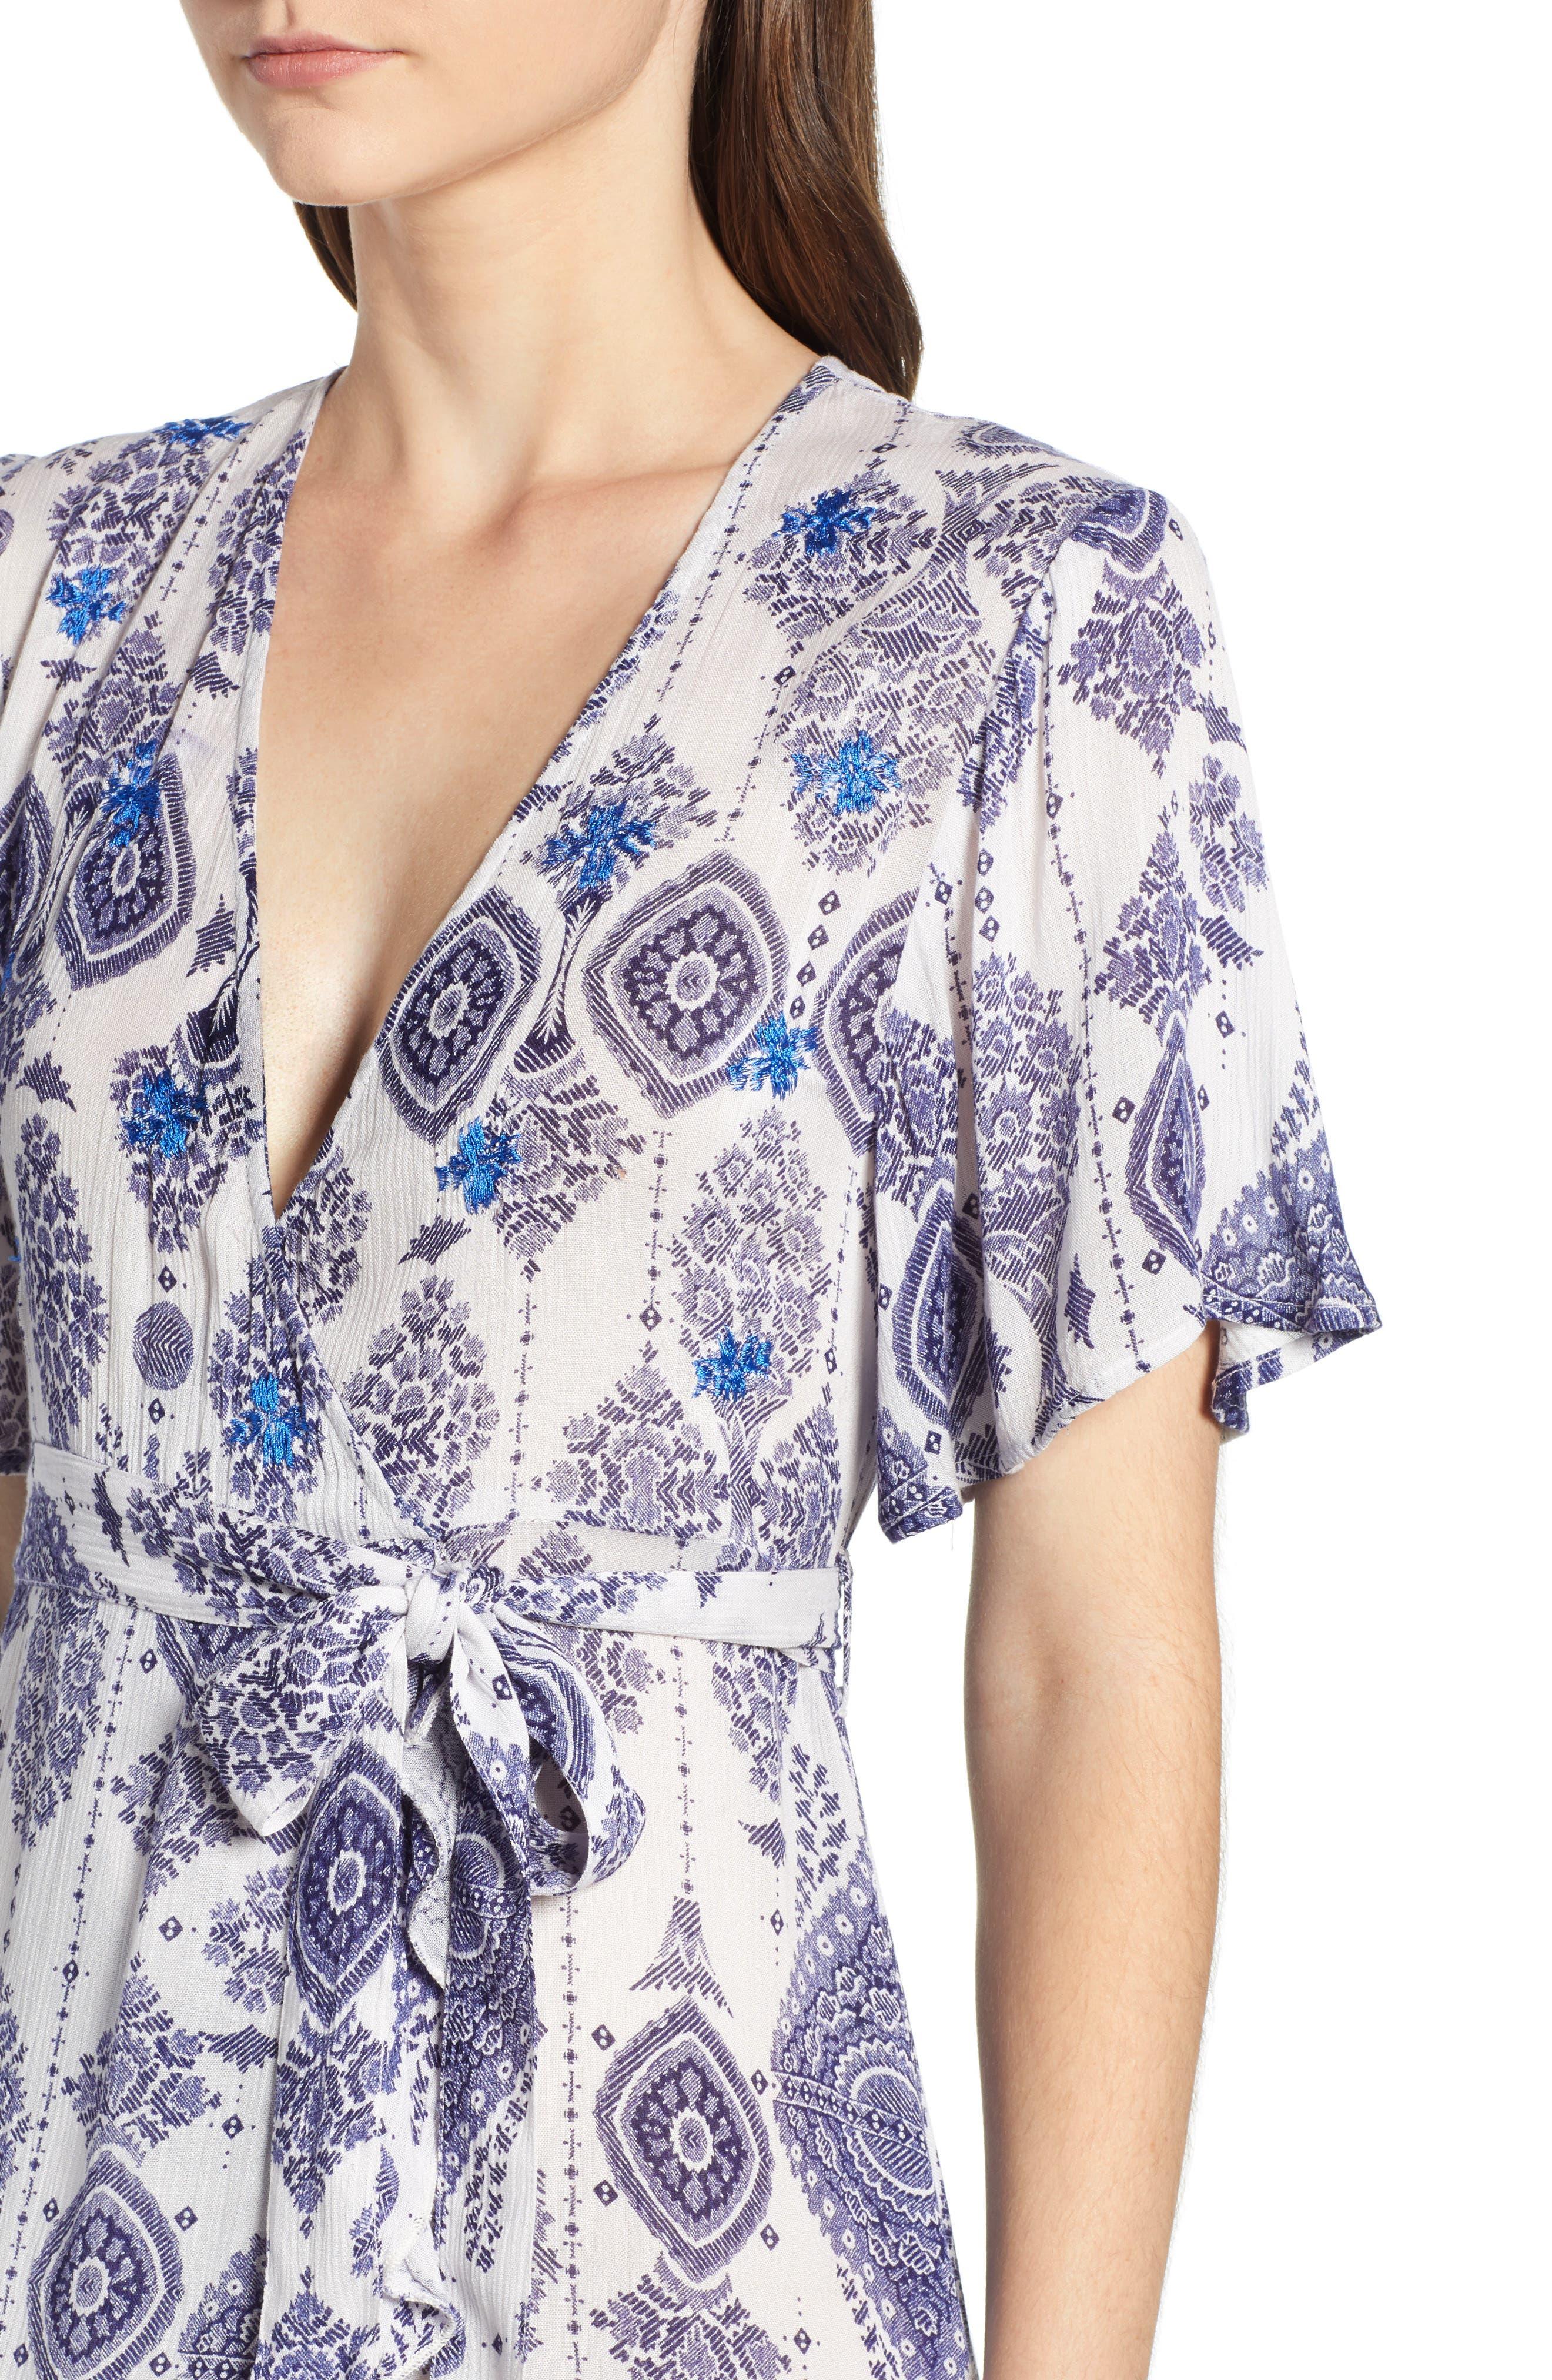 Andrea Maxi Dress,                             Alternate thumbnail 6, color,                             Blue/ White